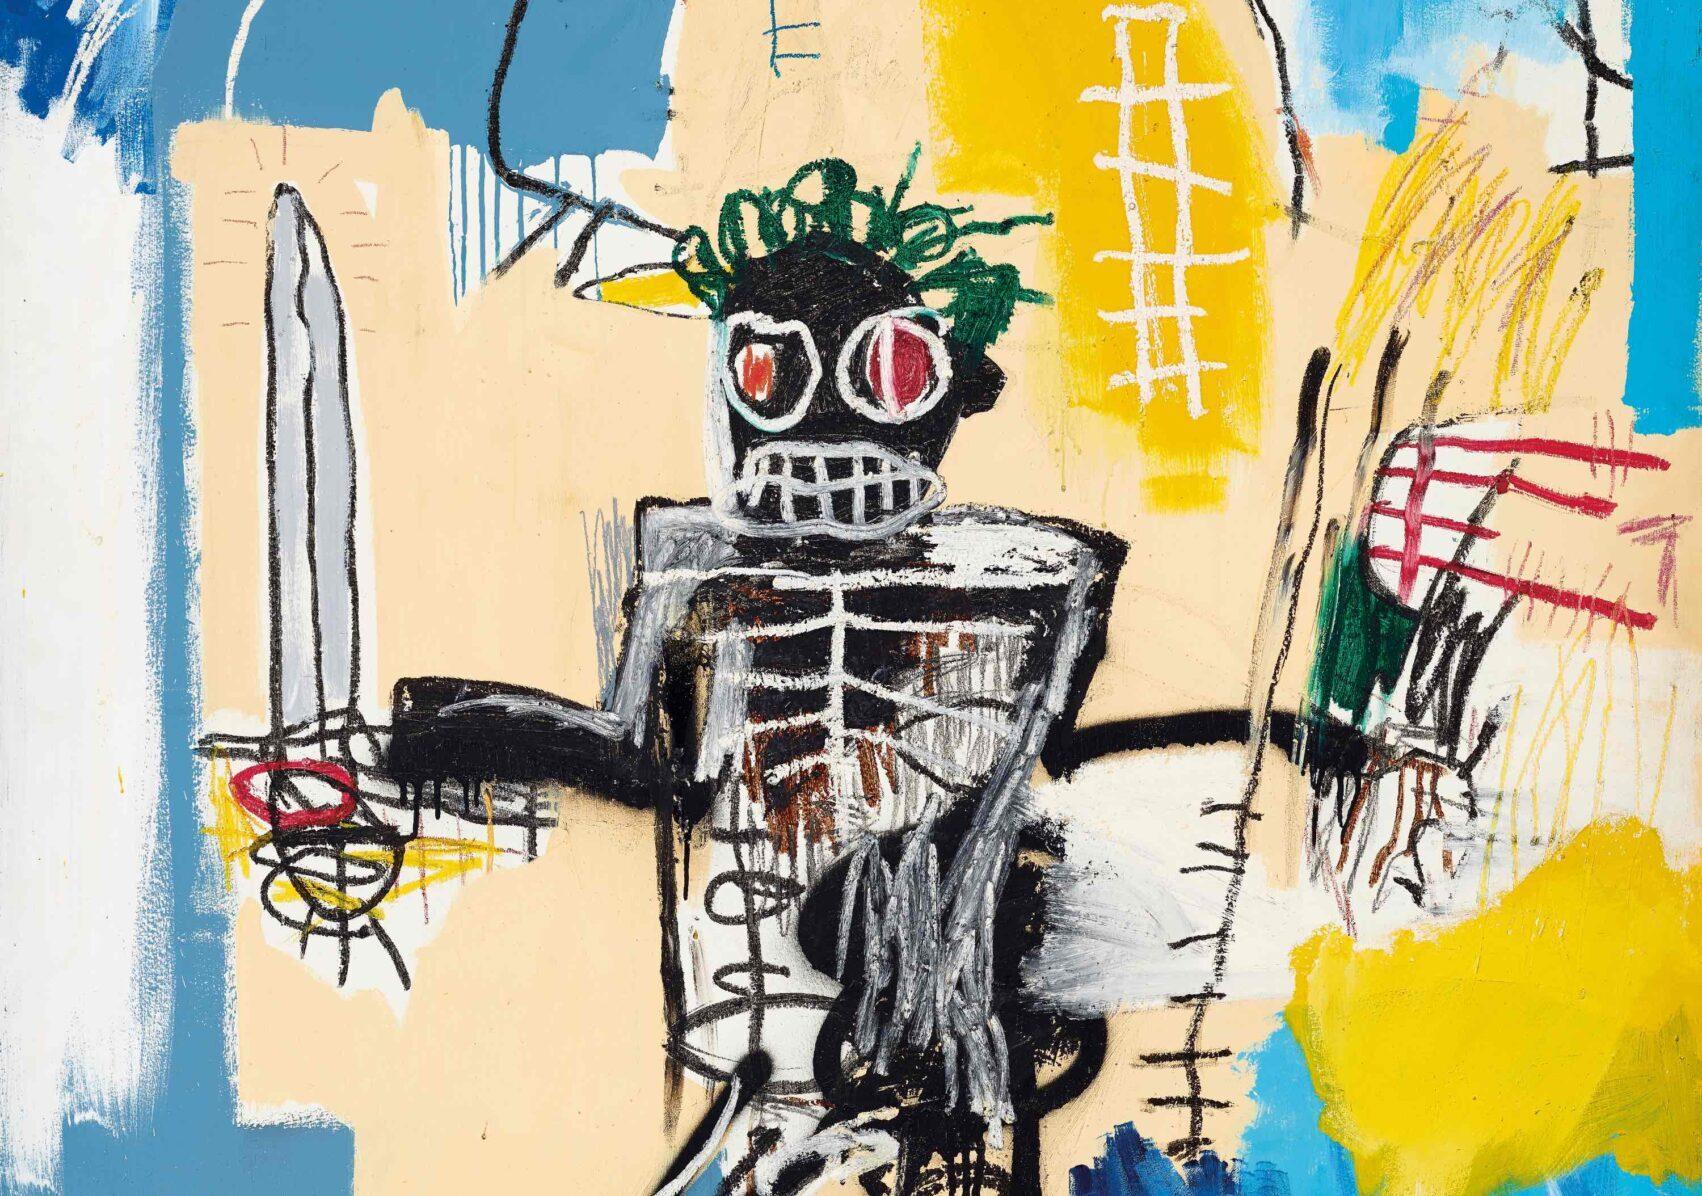 Basquiat record da Christie's! Warrior è l'opera occidentale più cara mai venduta in Asia